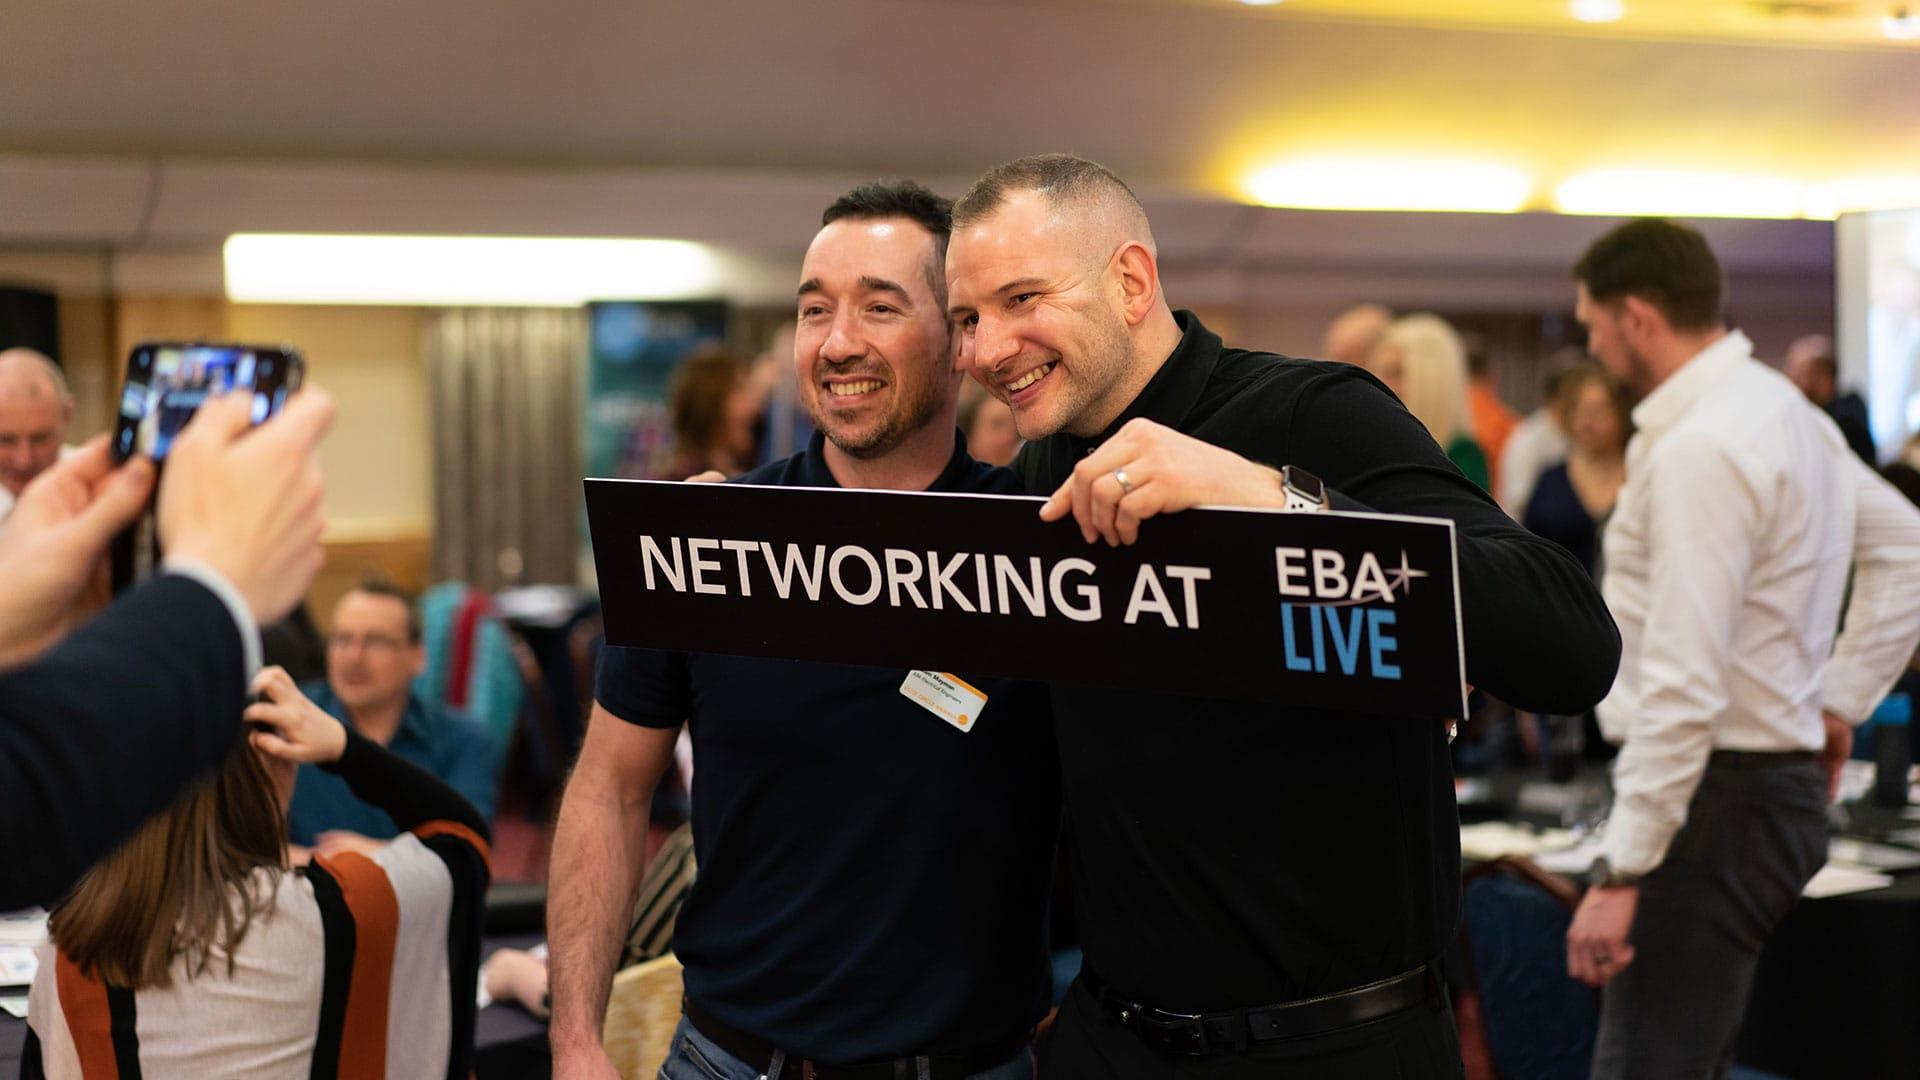 Leeds-Networking-Event